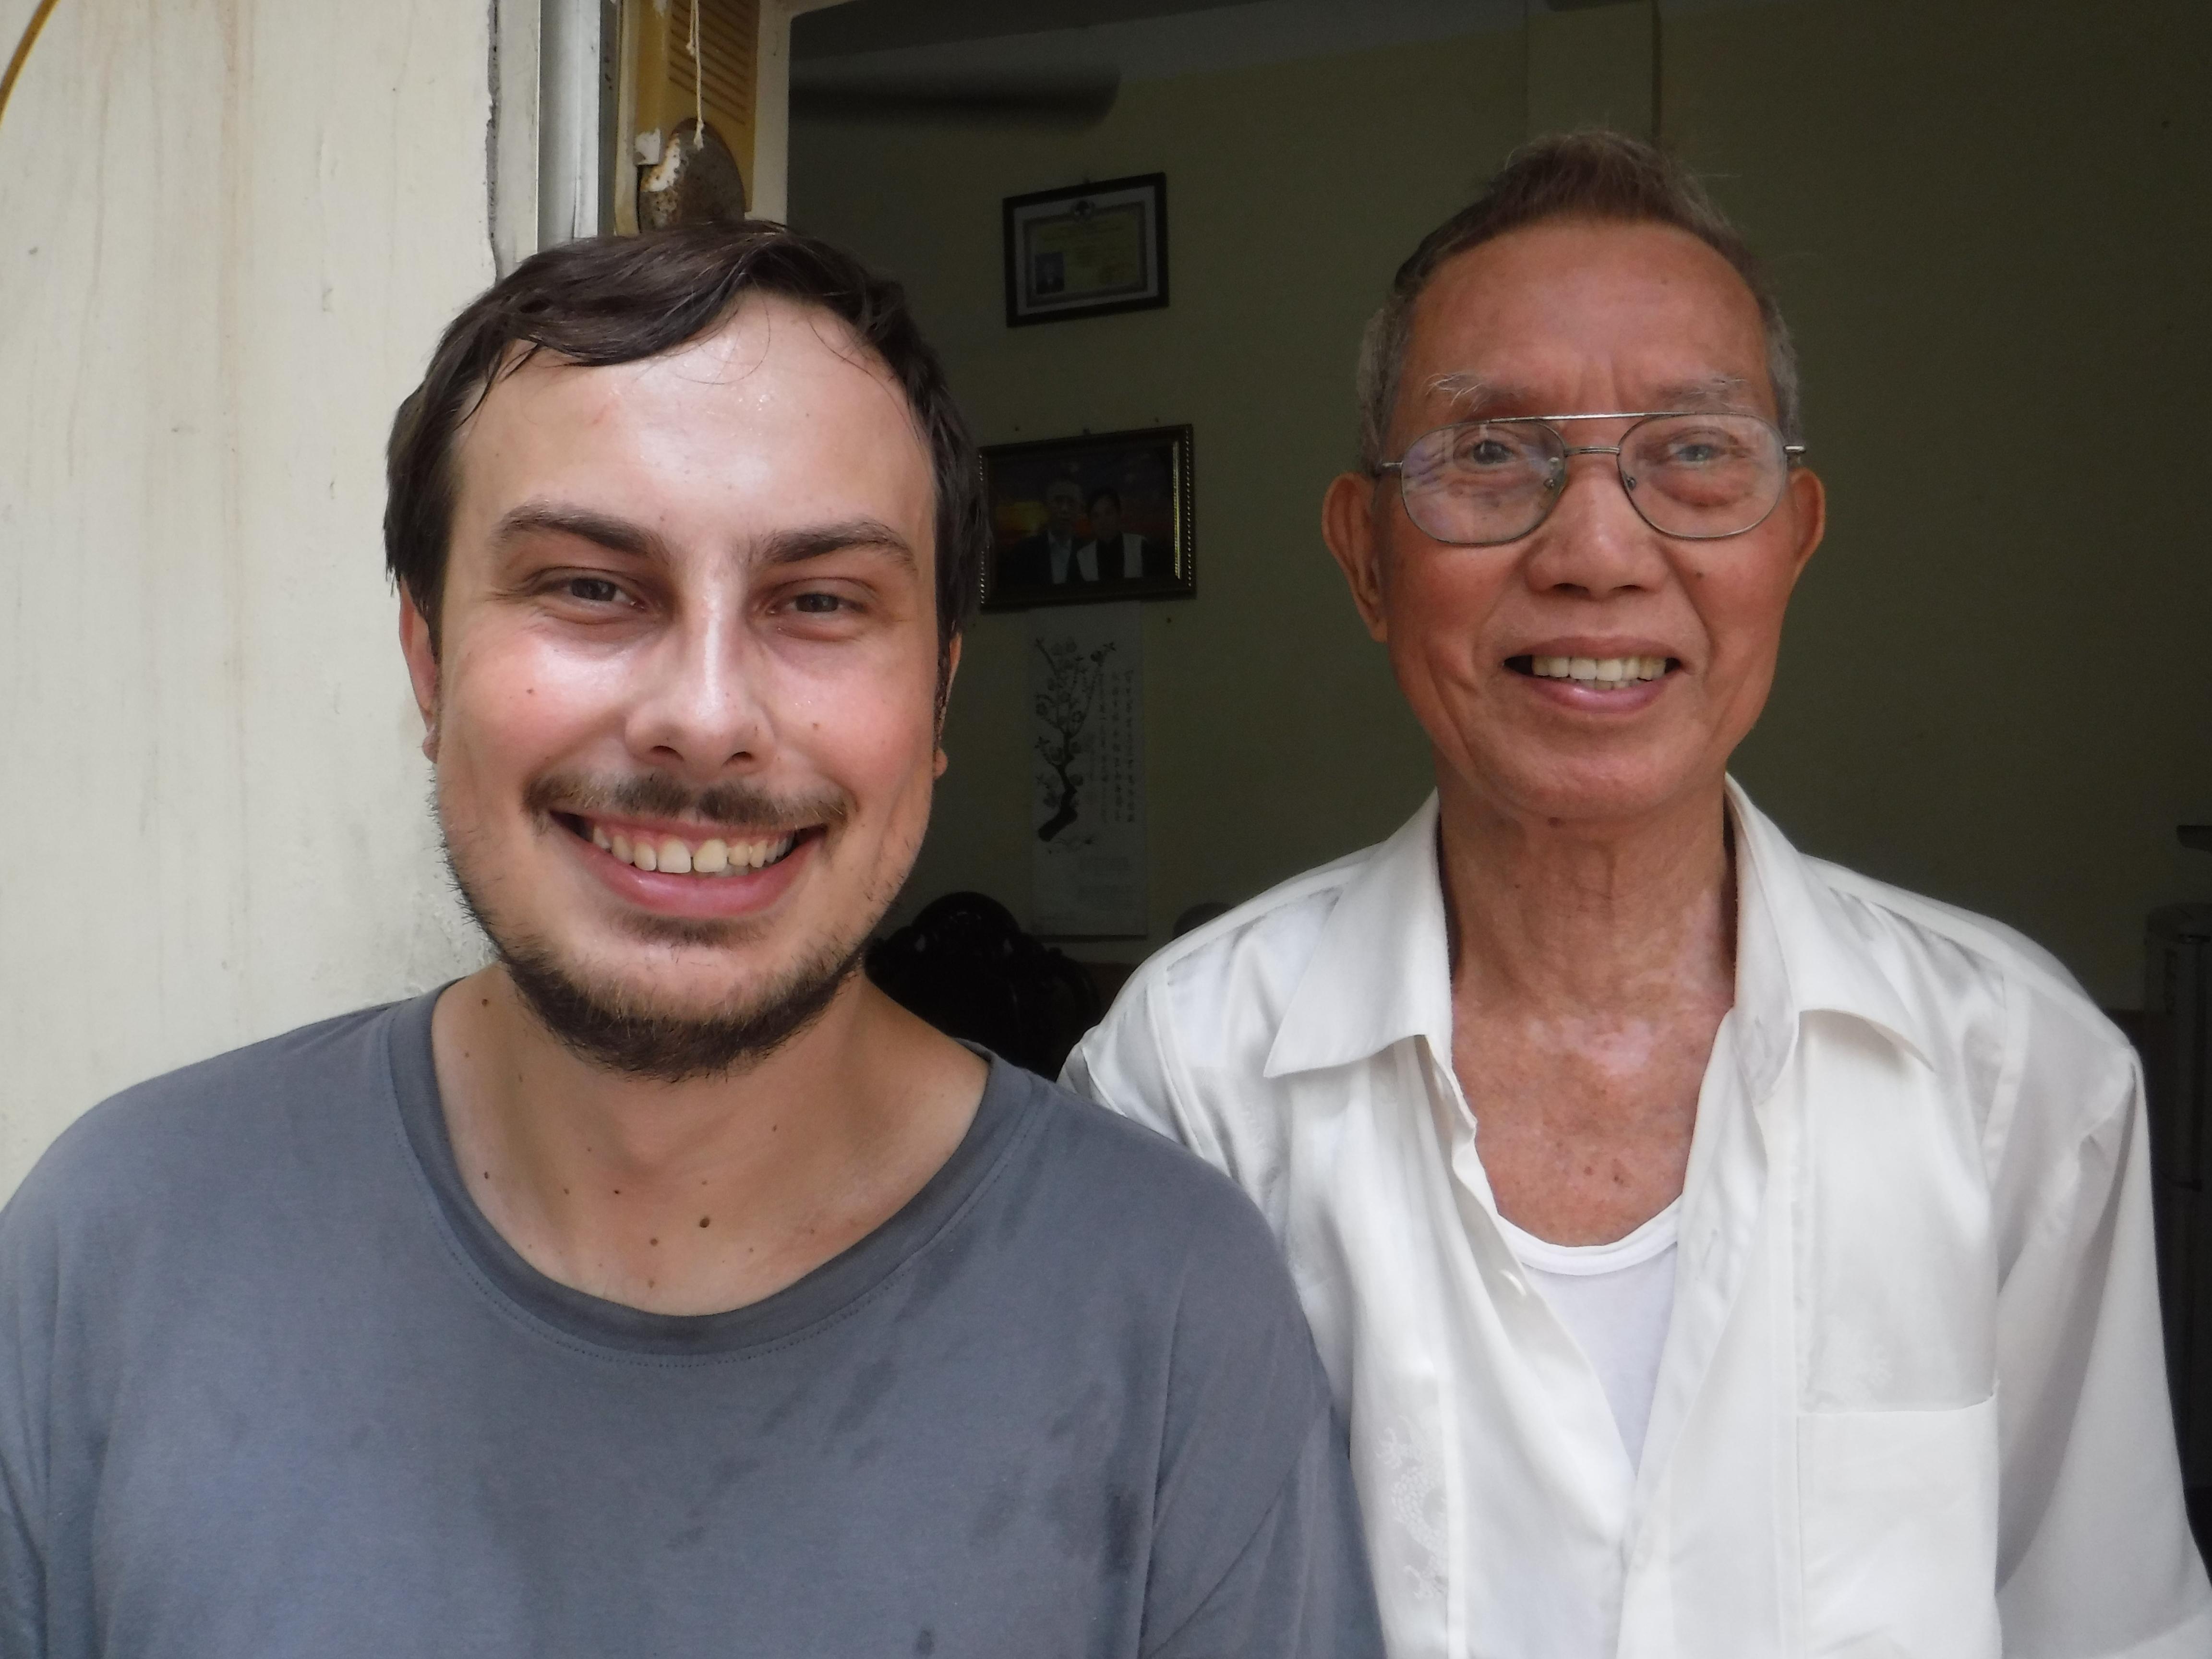 Můj děda se svým novým vnukem. Děda stojí na schodech a Kuba dělá dřep. Jinak se tohle nedalo vyfotit